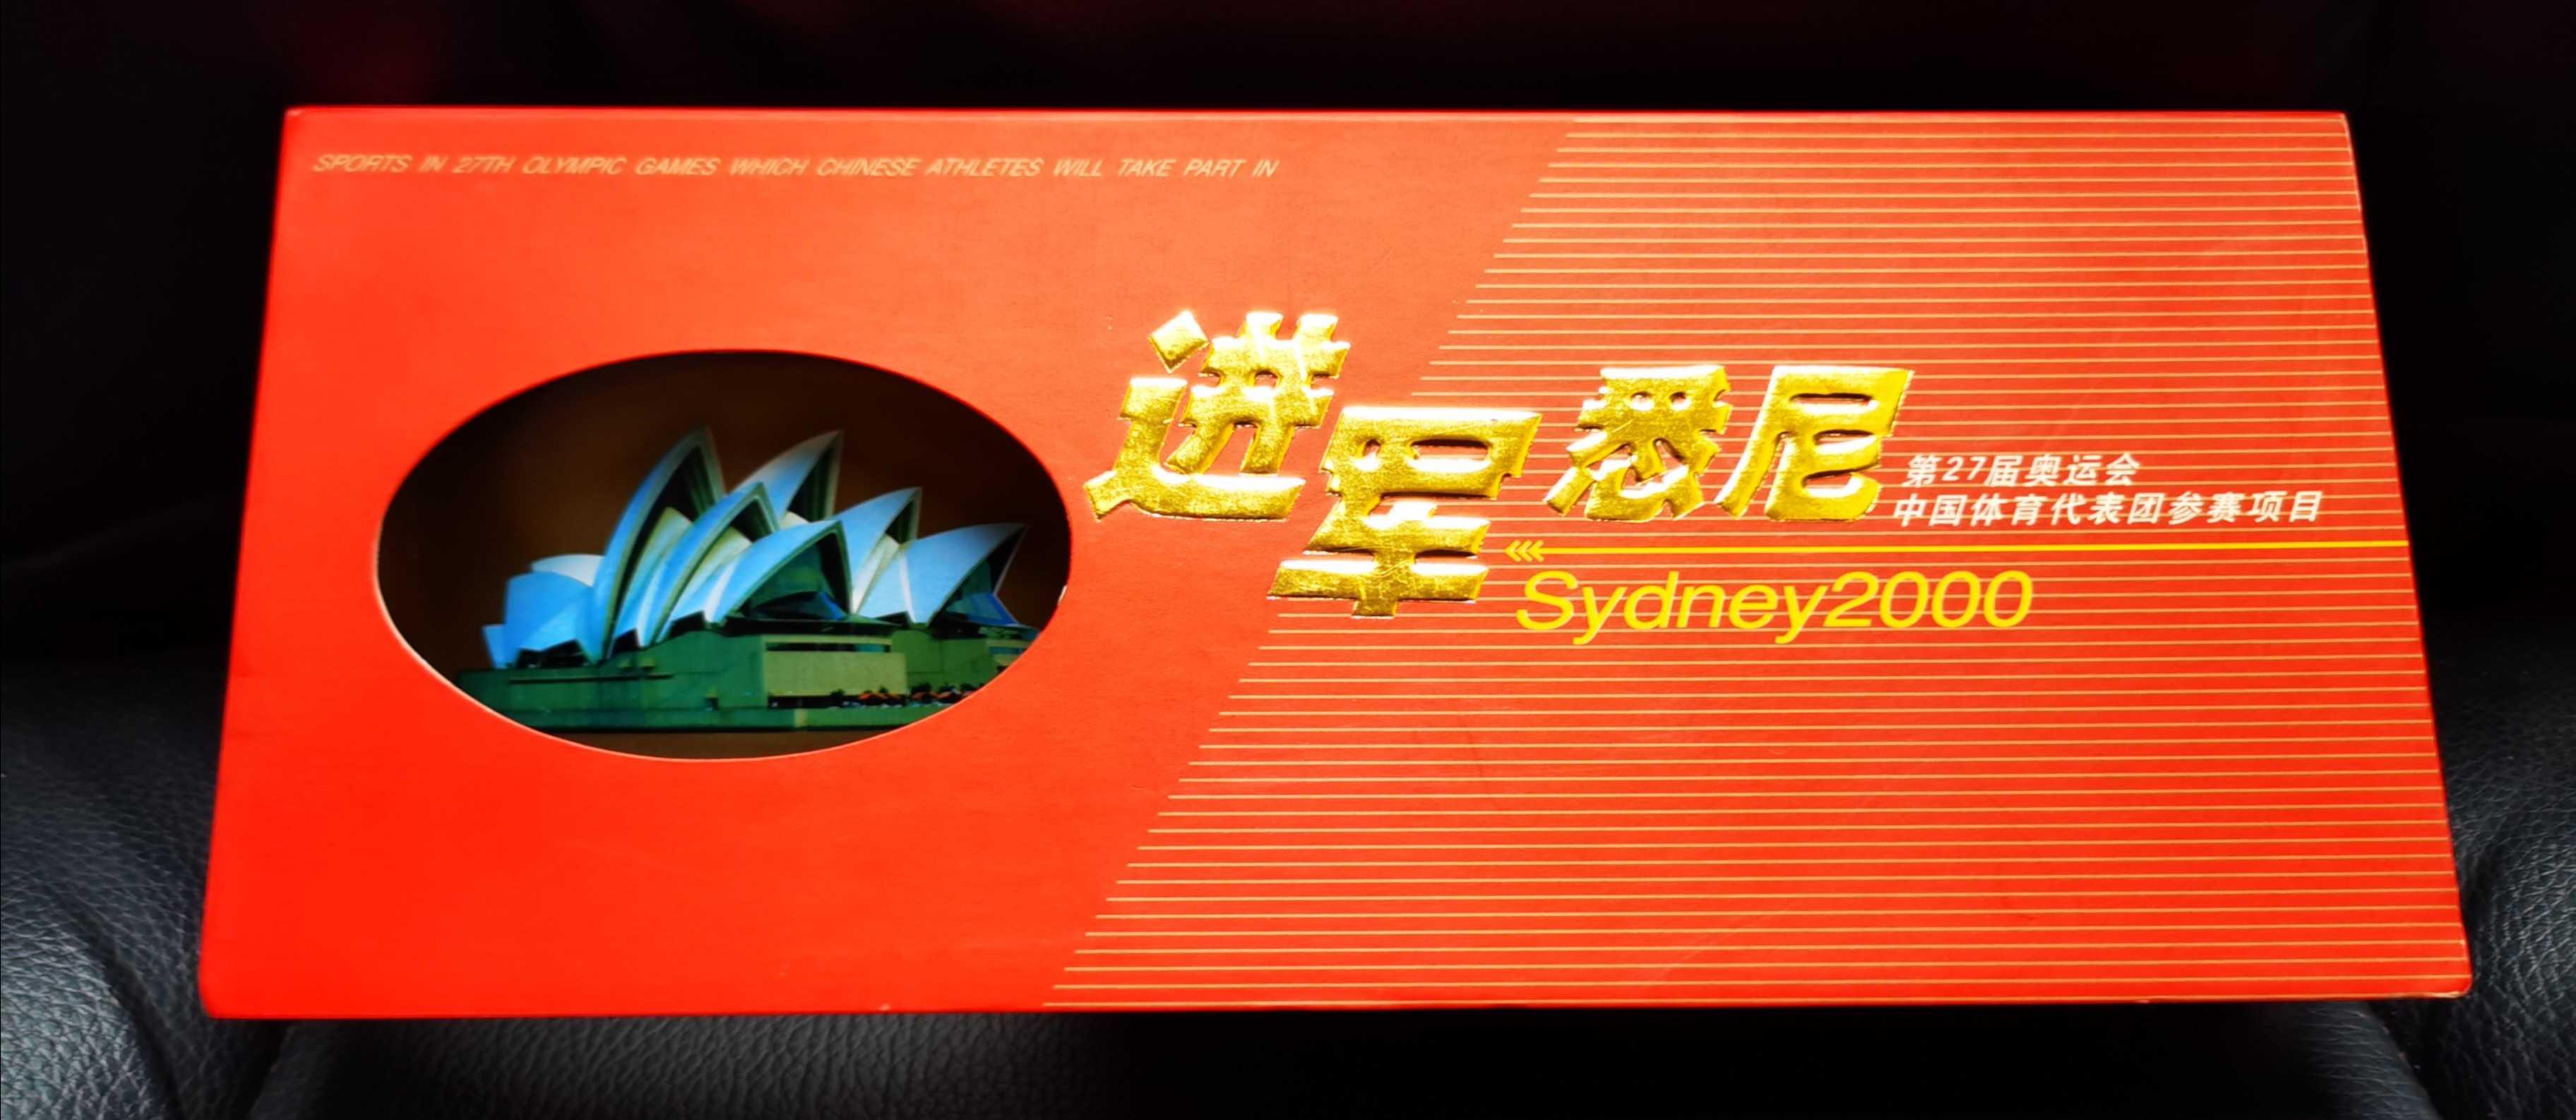 进军悉尼 第27届奥运会中国体育代表团参赛项目邮资明信片24枚/套 Изображение 1